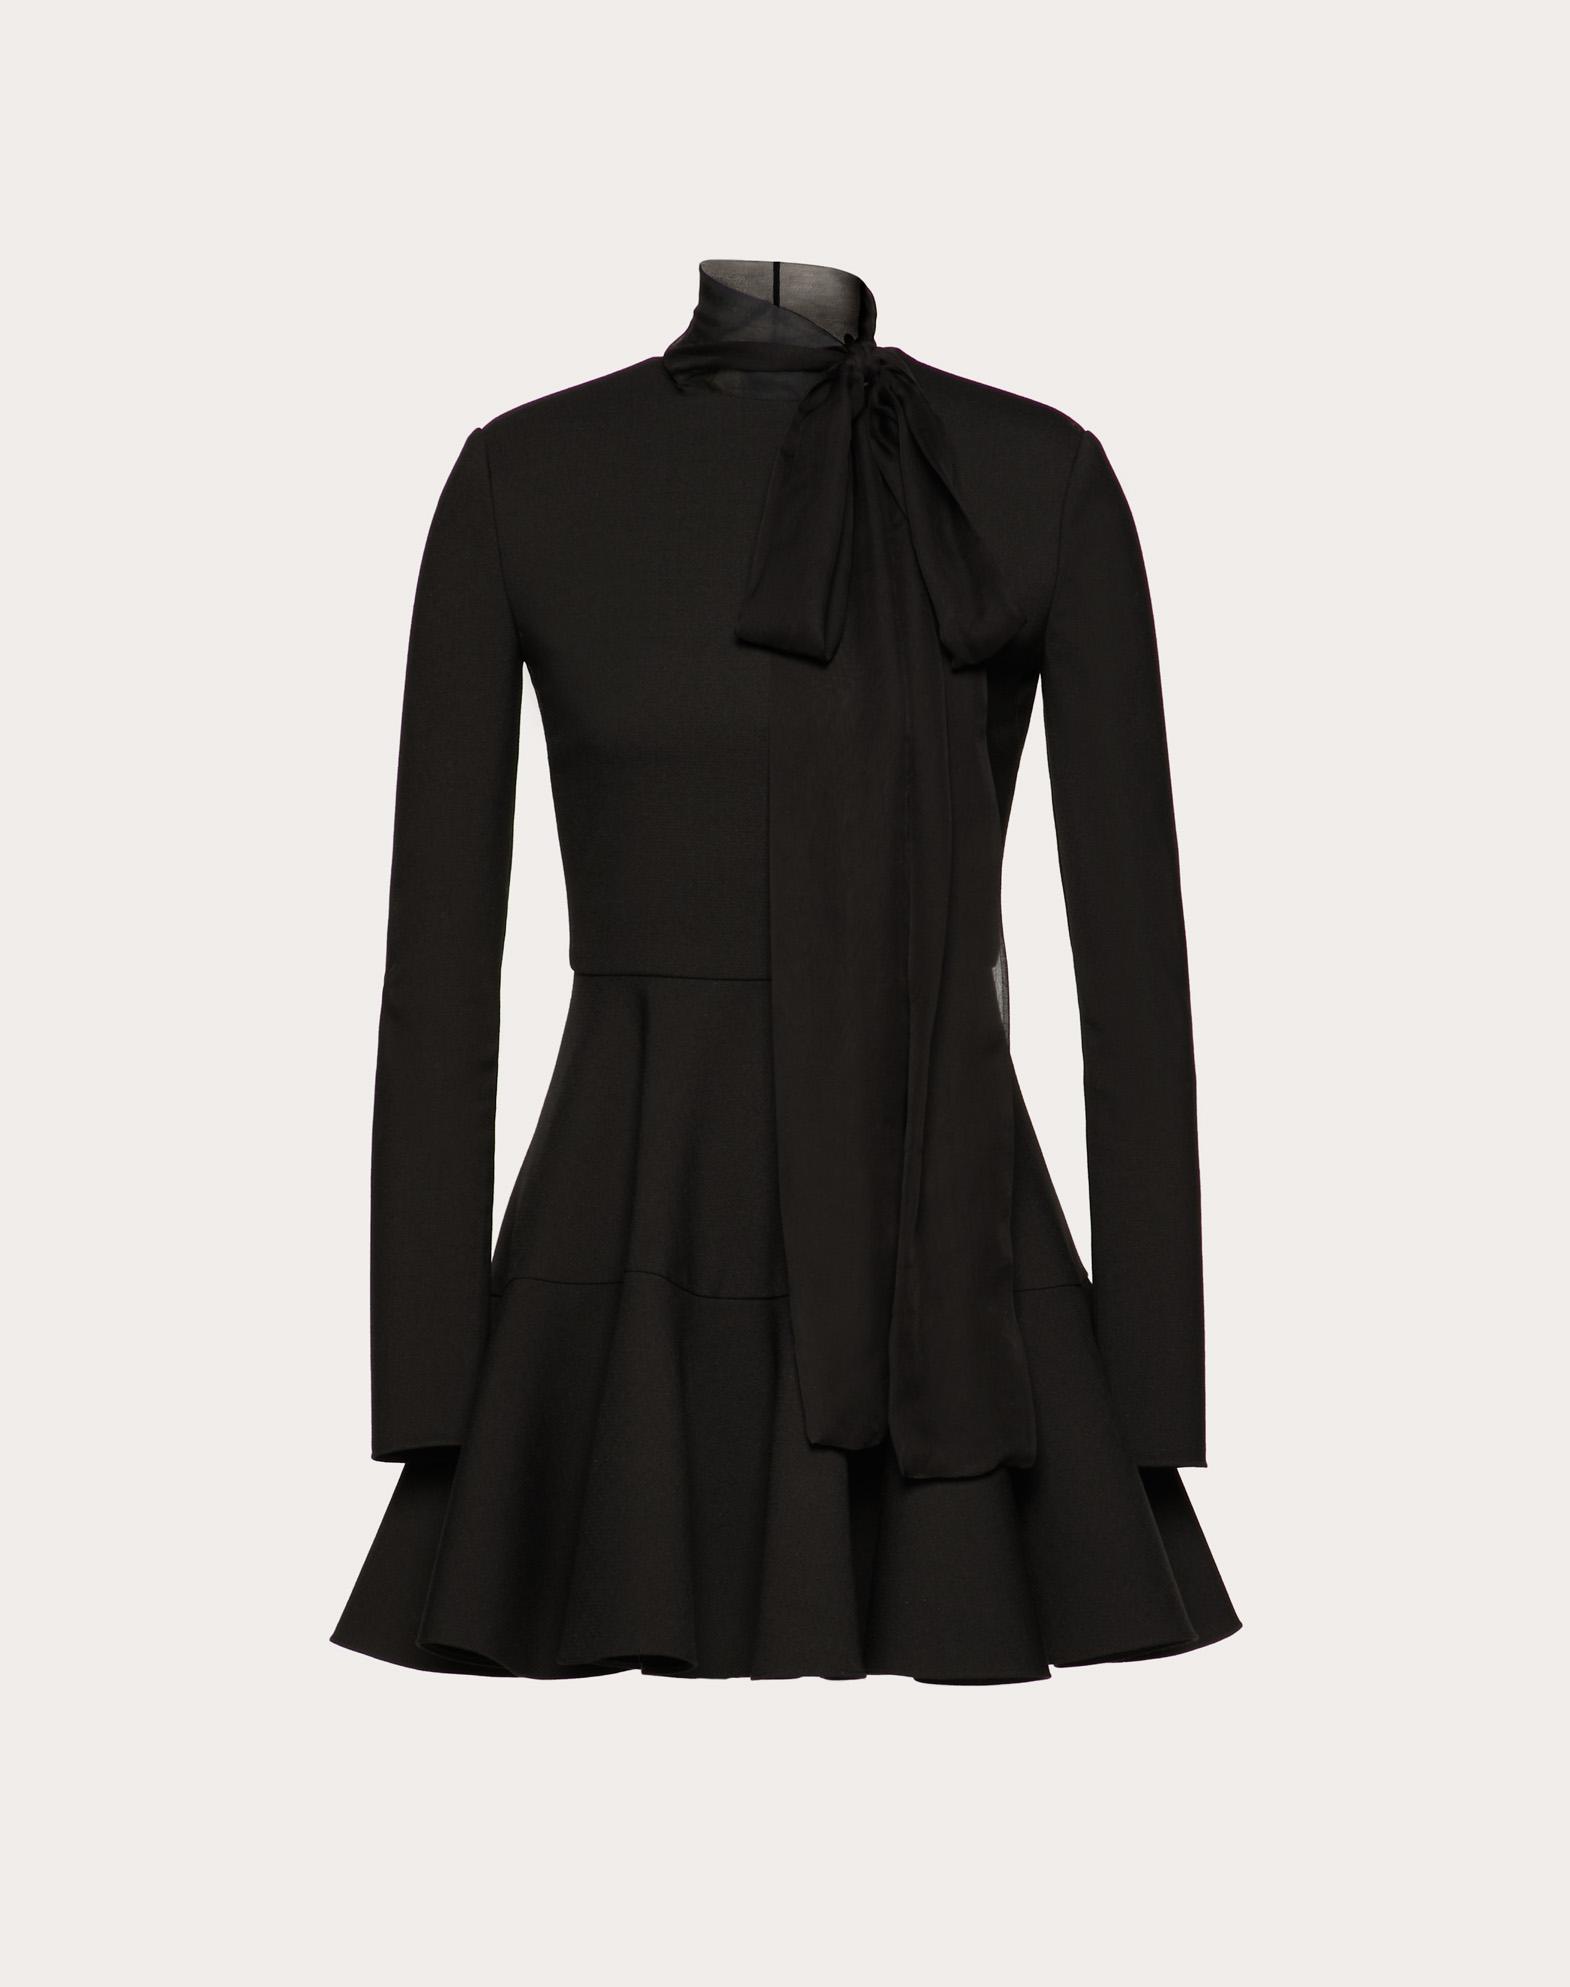 Technical Double Wool and Chiffon Dress